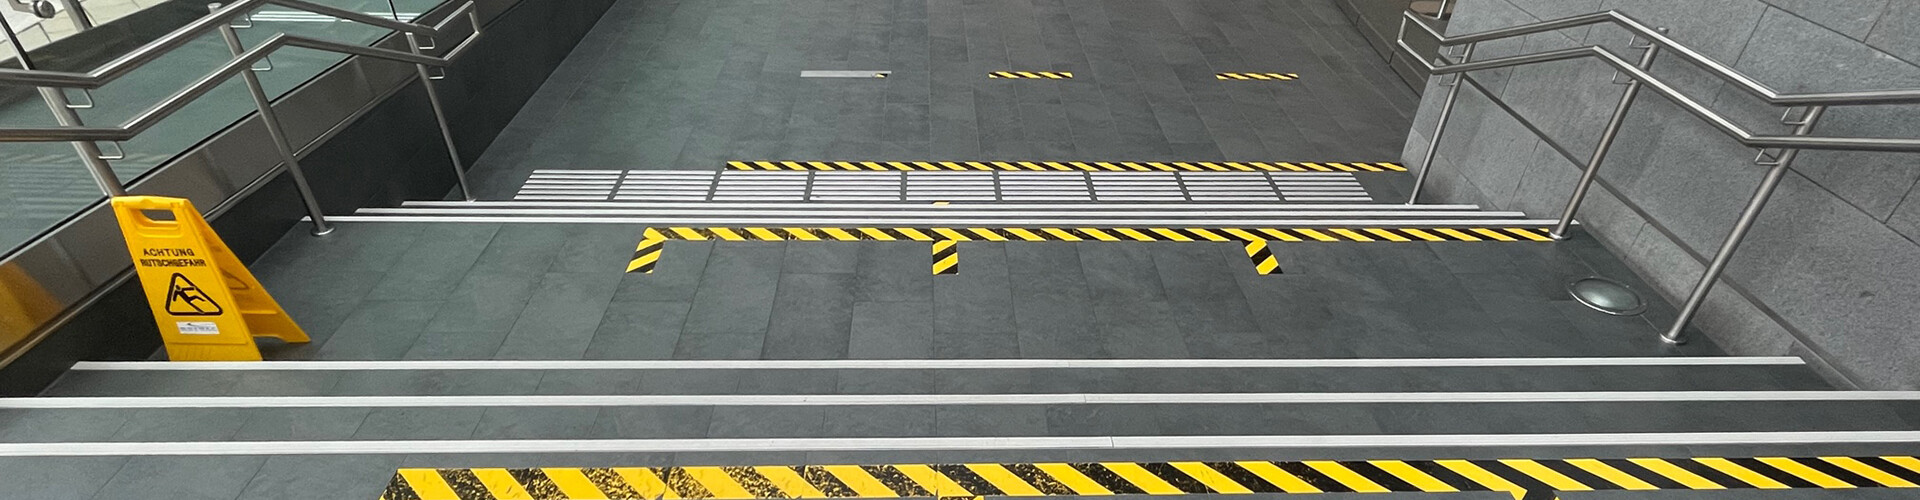 Mehrere Stufen. Direkt vor uns quer zu uns ein weißes taktiles Leitsystem. Dann gelbschwarze Streifen, dann ein weißer Streifen. Danach erst die erste Stufe. Dann wieder zwei weiße Streifen mit je einer Stufe, dann wieder gelbschwarze Streifen, dann wieder weiß, dann drei Stufen mit je einem weißen Streifen. Dann eine taktile Auffanglinie, dann ein gelbschwarzer Streifen. Jetzt hat man die sechs Stufen überwunden.